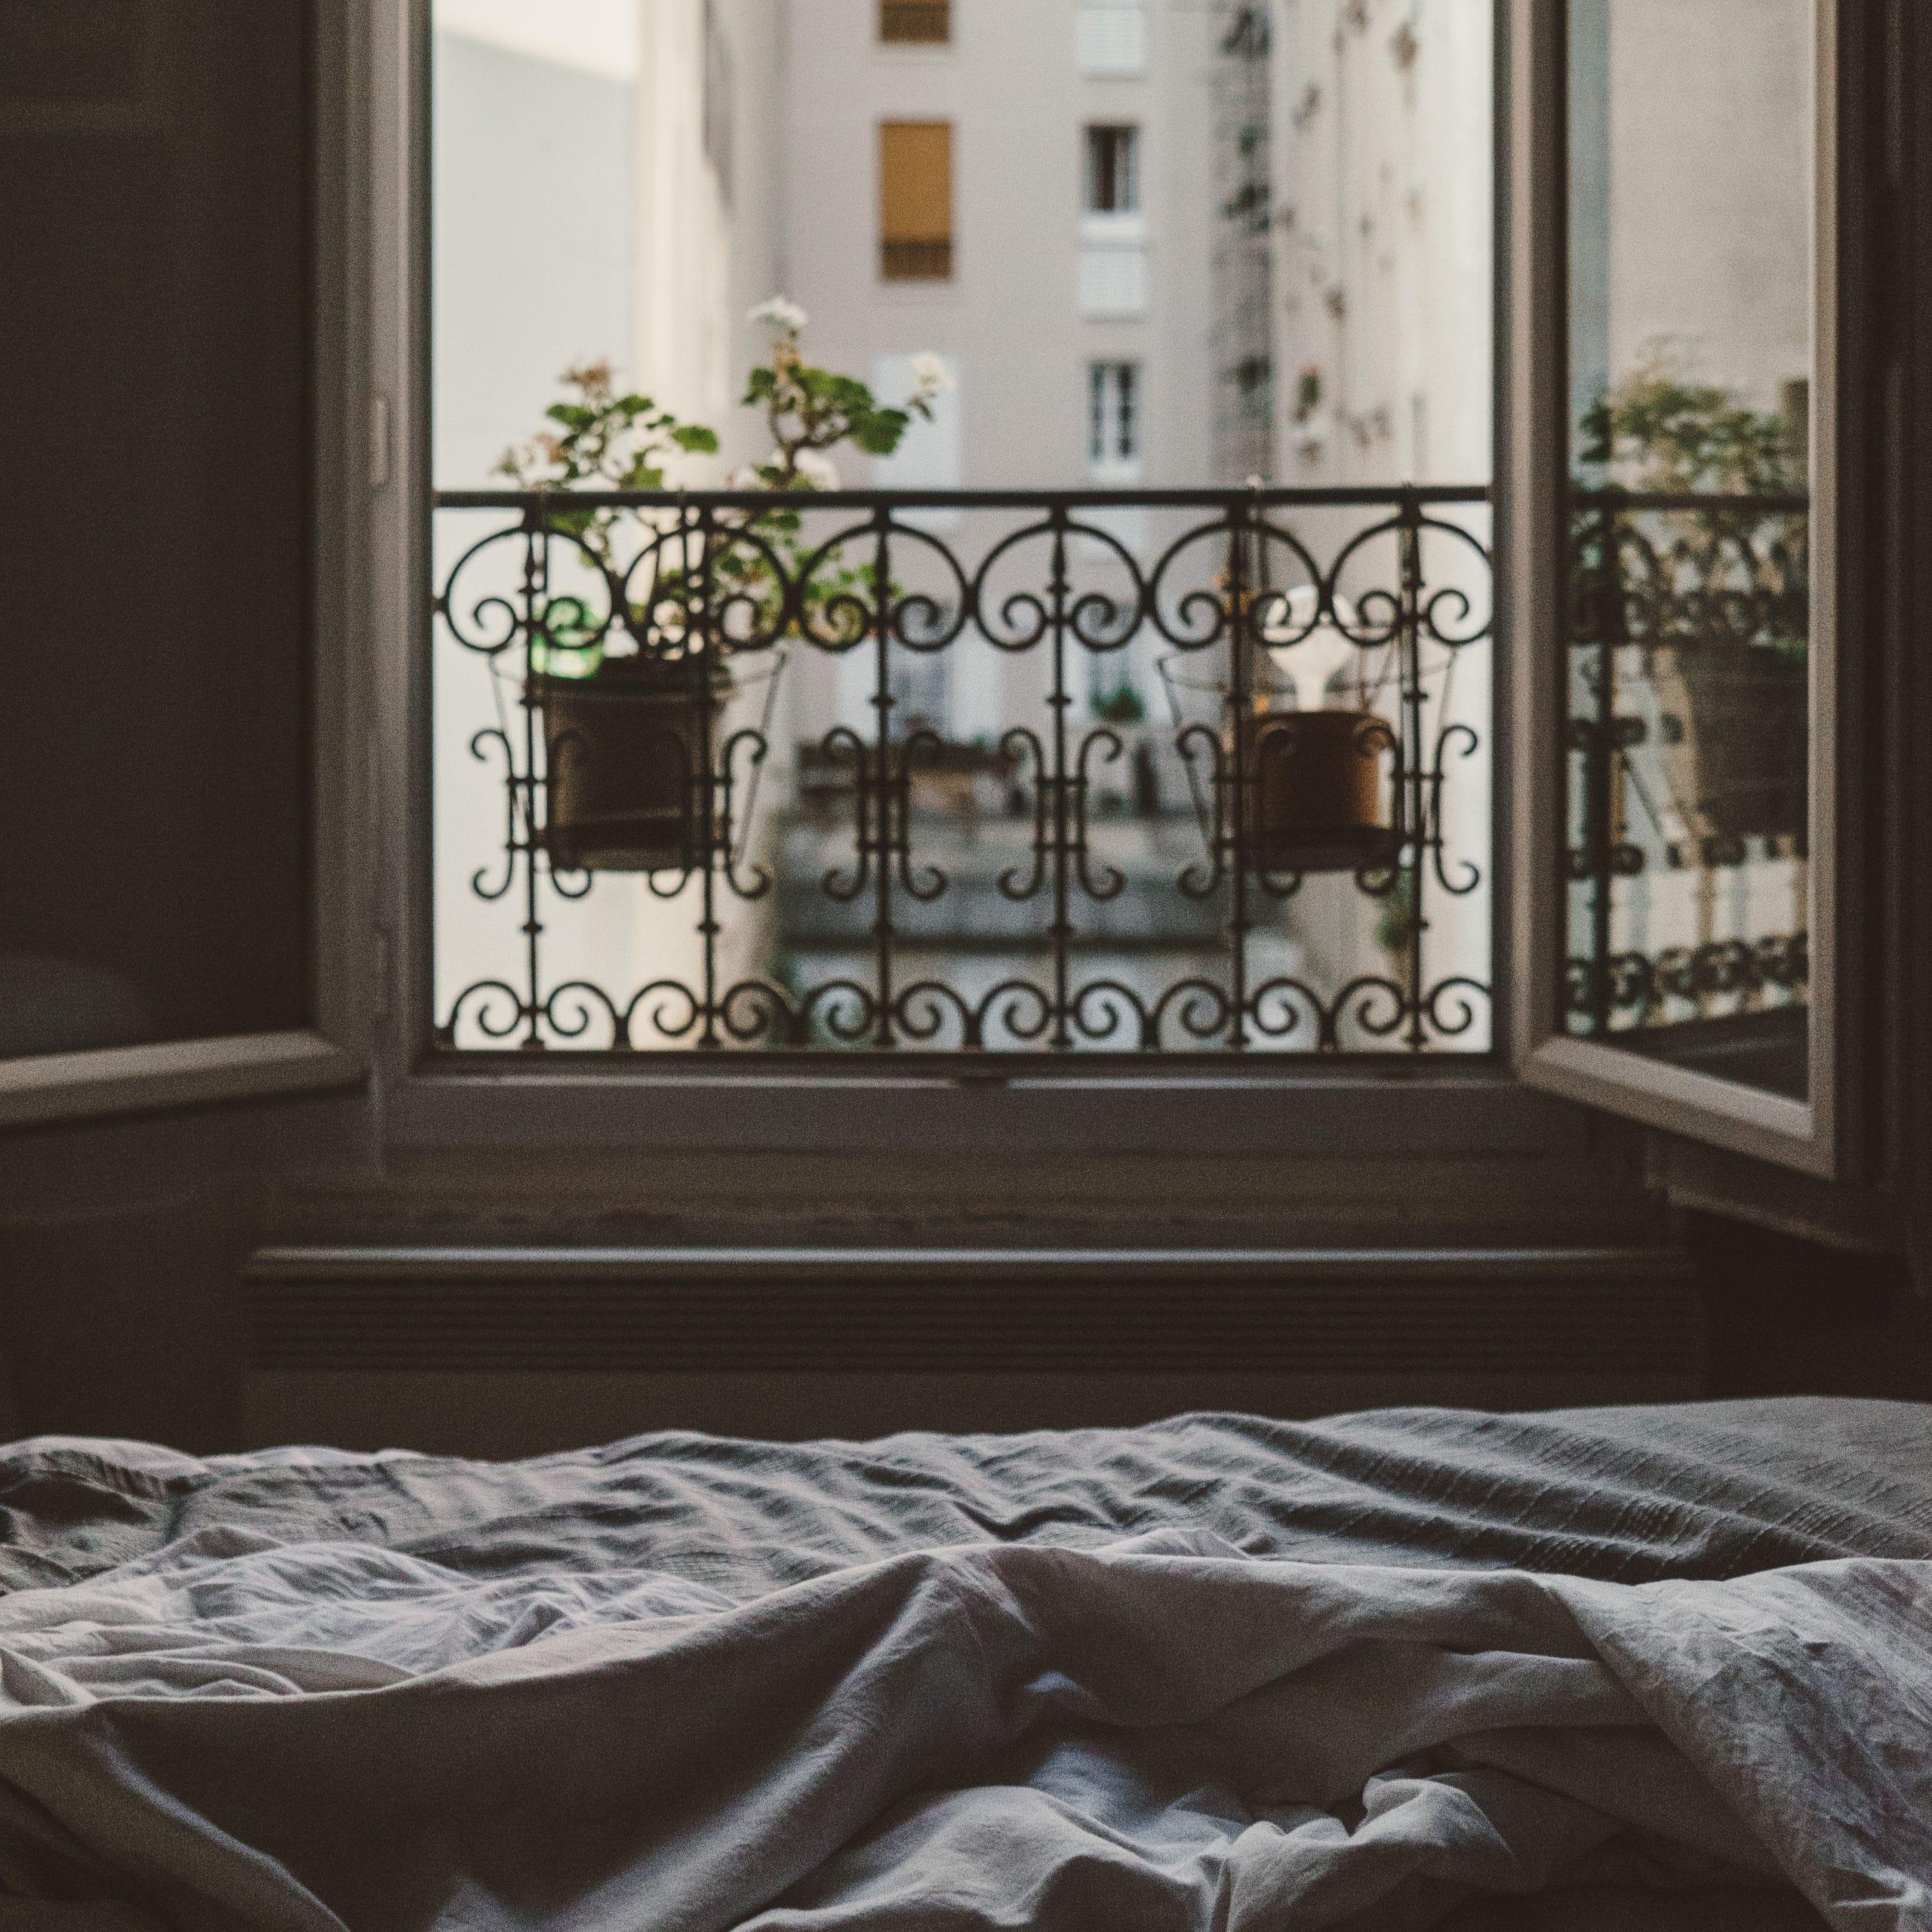 Luz da manhã entrando no quarto pela janela. No quarto, há uma cama com lençóis bagunçados. A janela possui grades decorativas e dois vasos de plantas. A visão da janela é a de um prédio.